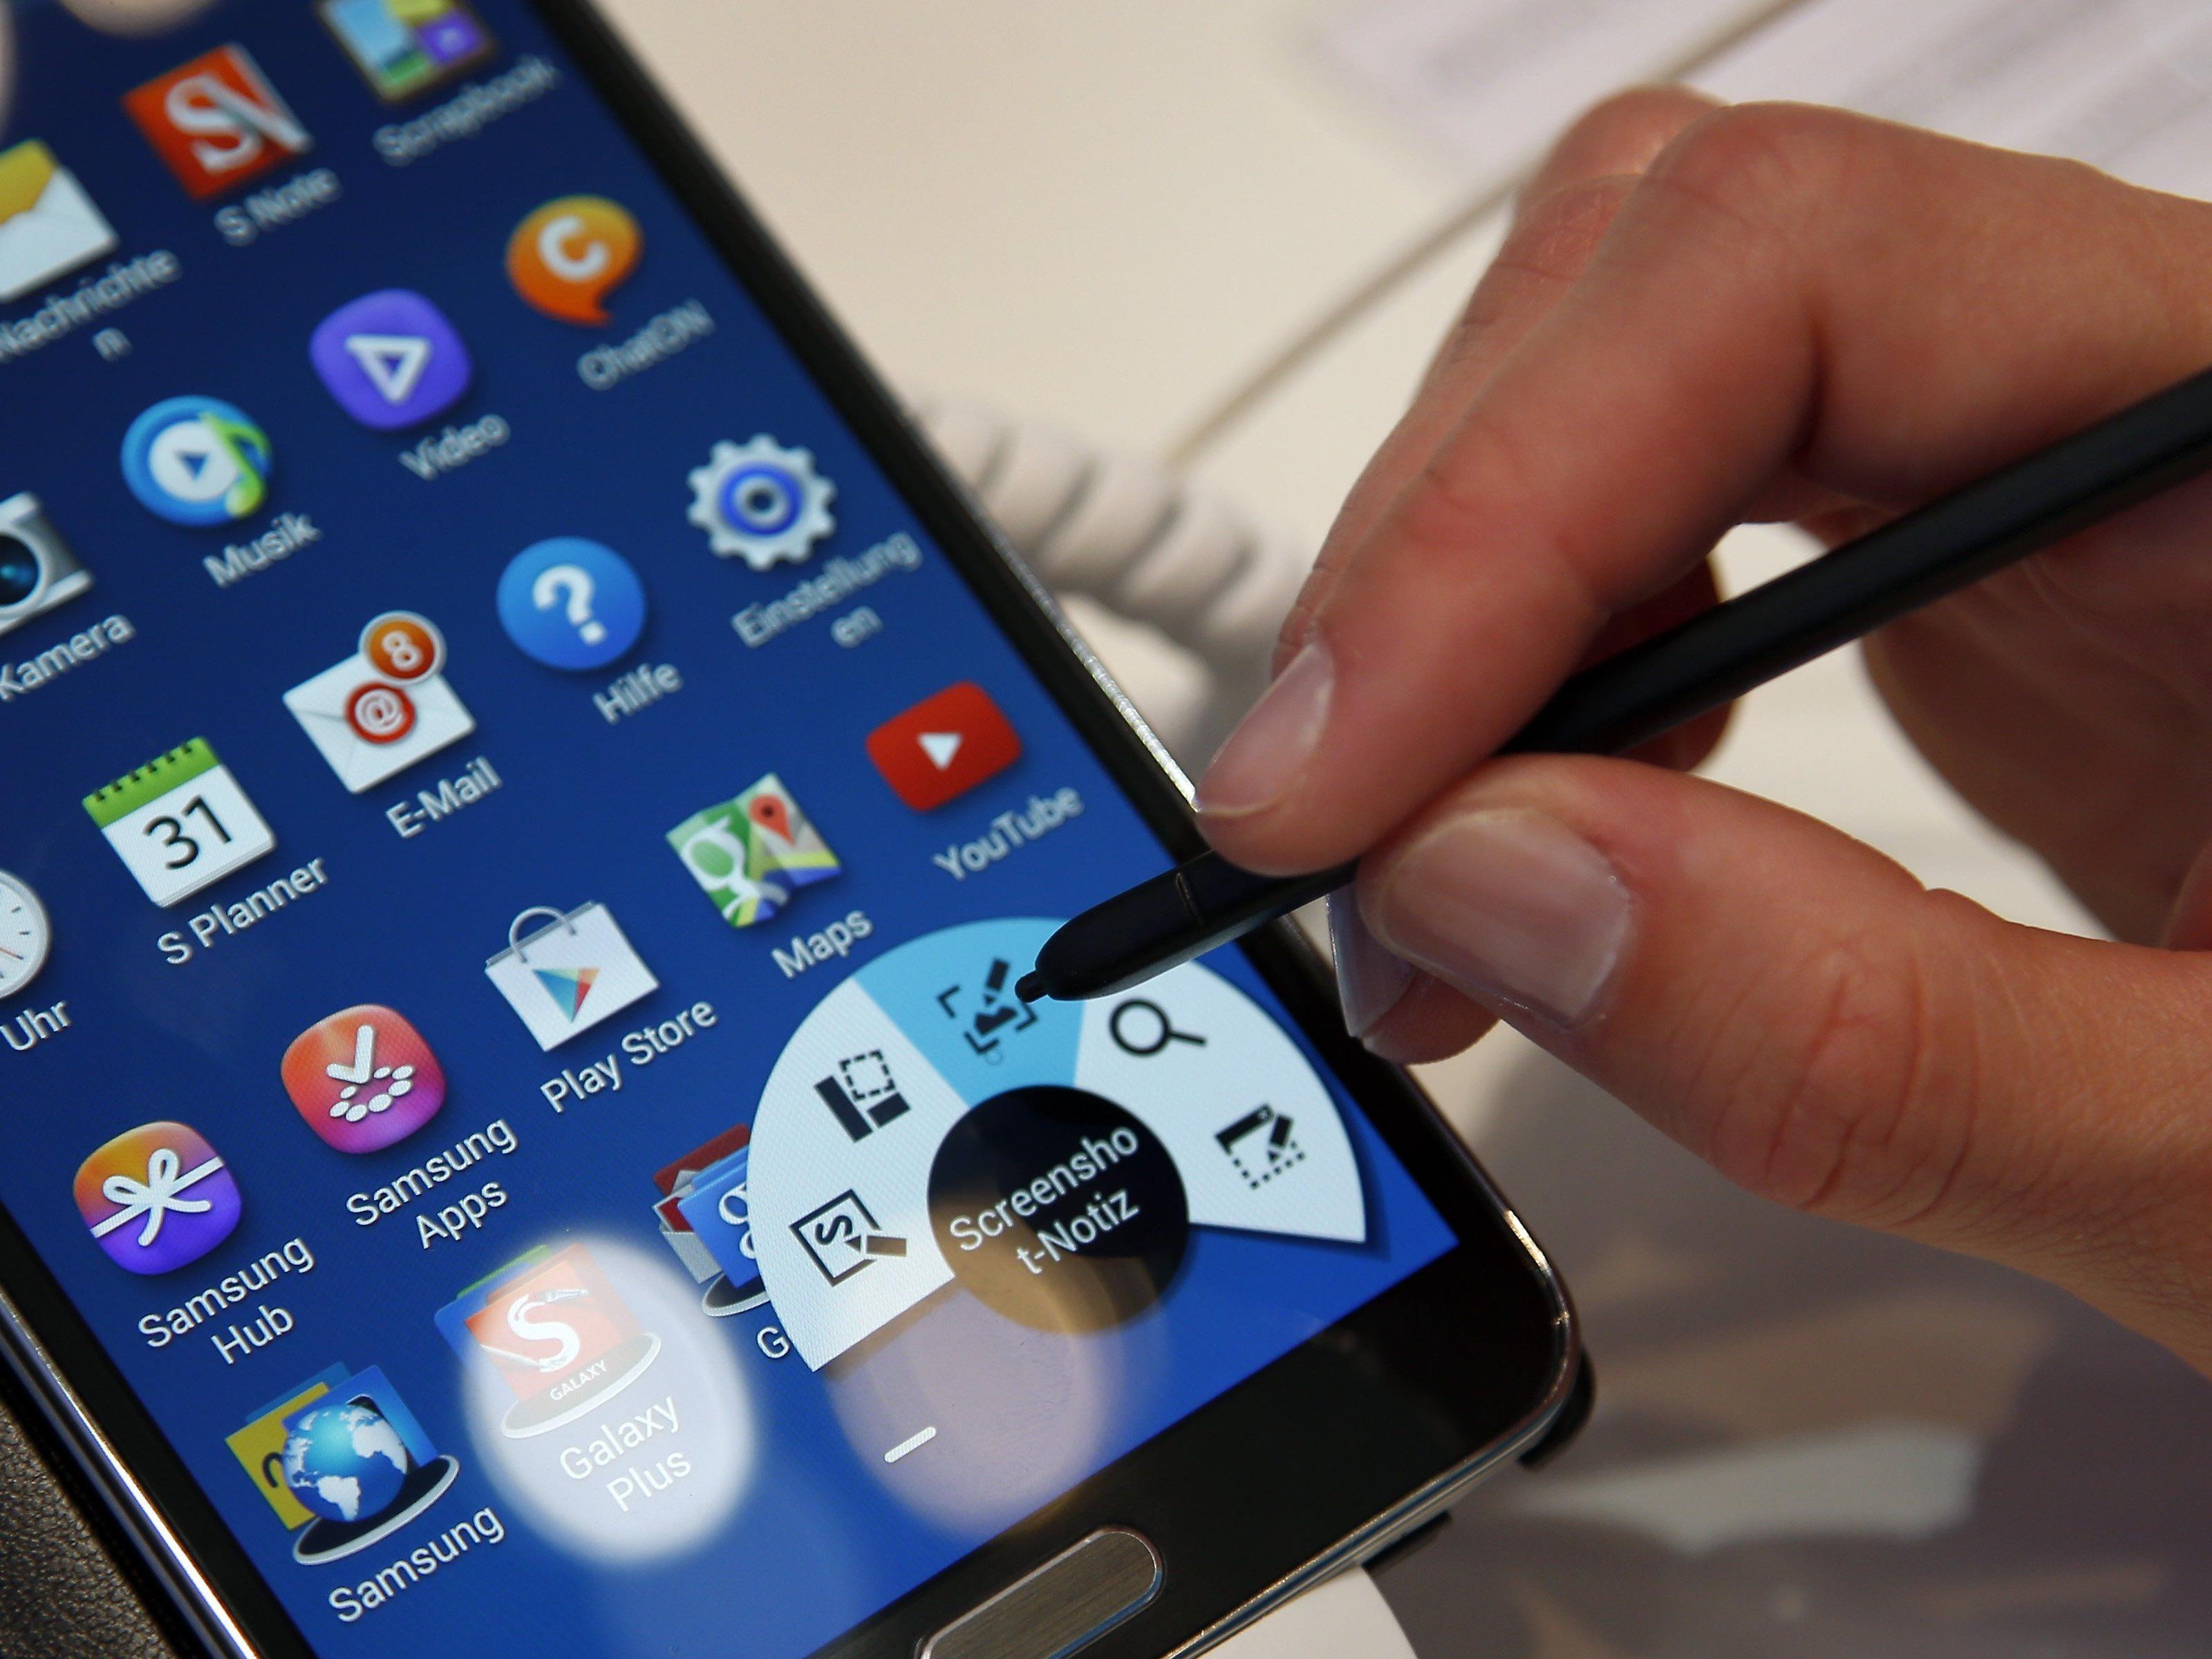 Handy Telefonate Wahrend Des Fluges Sollen In Den Usa Erlaubt